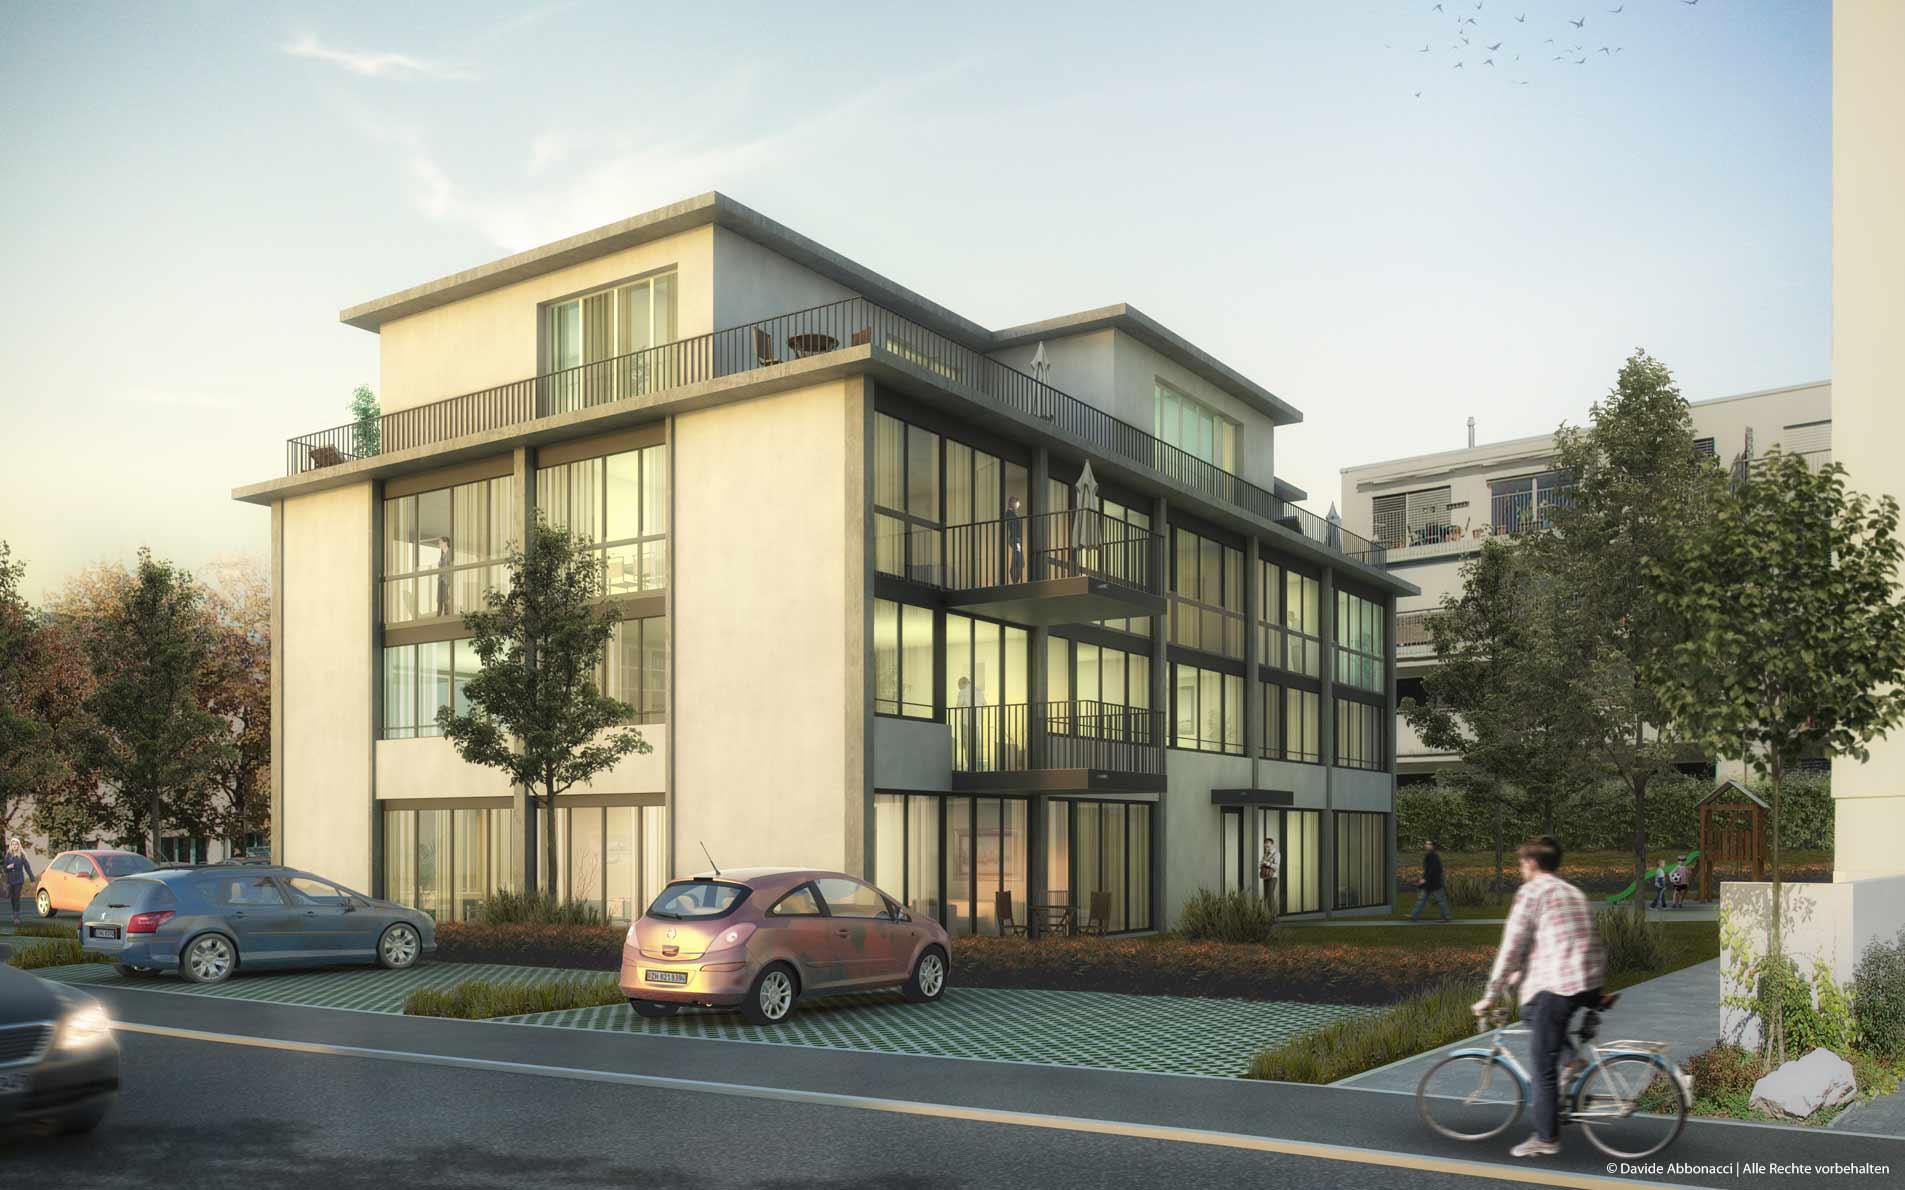 Umbau Werkstattgebäude, Undermülistrasse 12, Fehraltorf - Schweiz | BB&I Architekten | 2015 Visualisierung Projektpräsentation